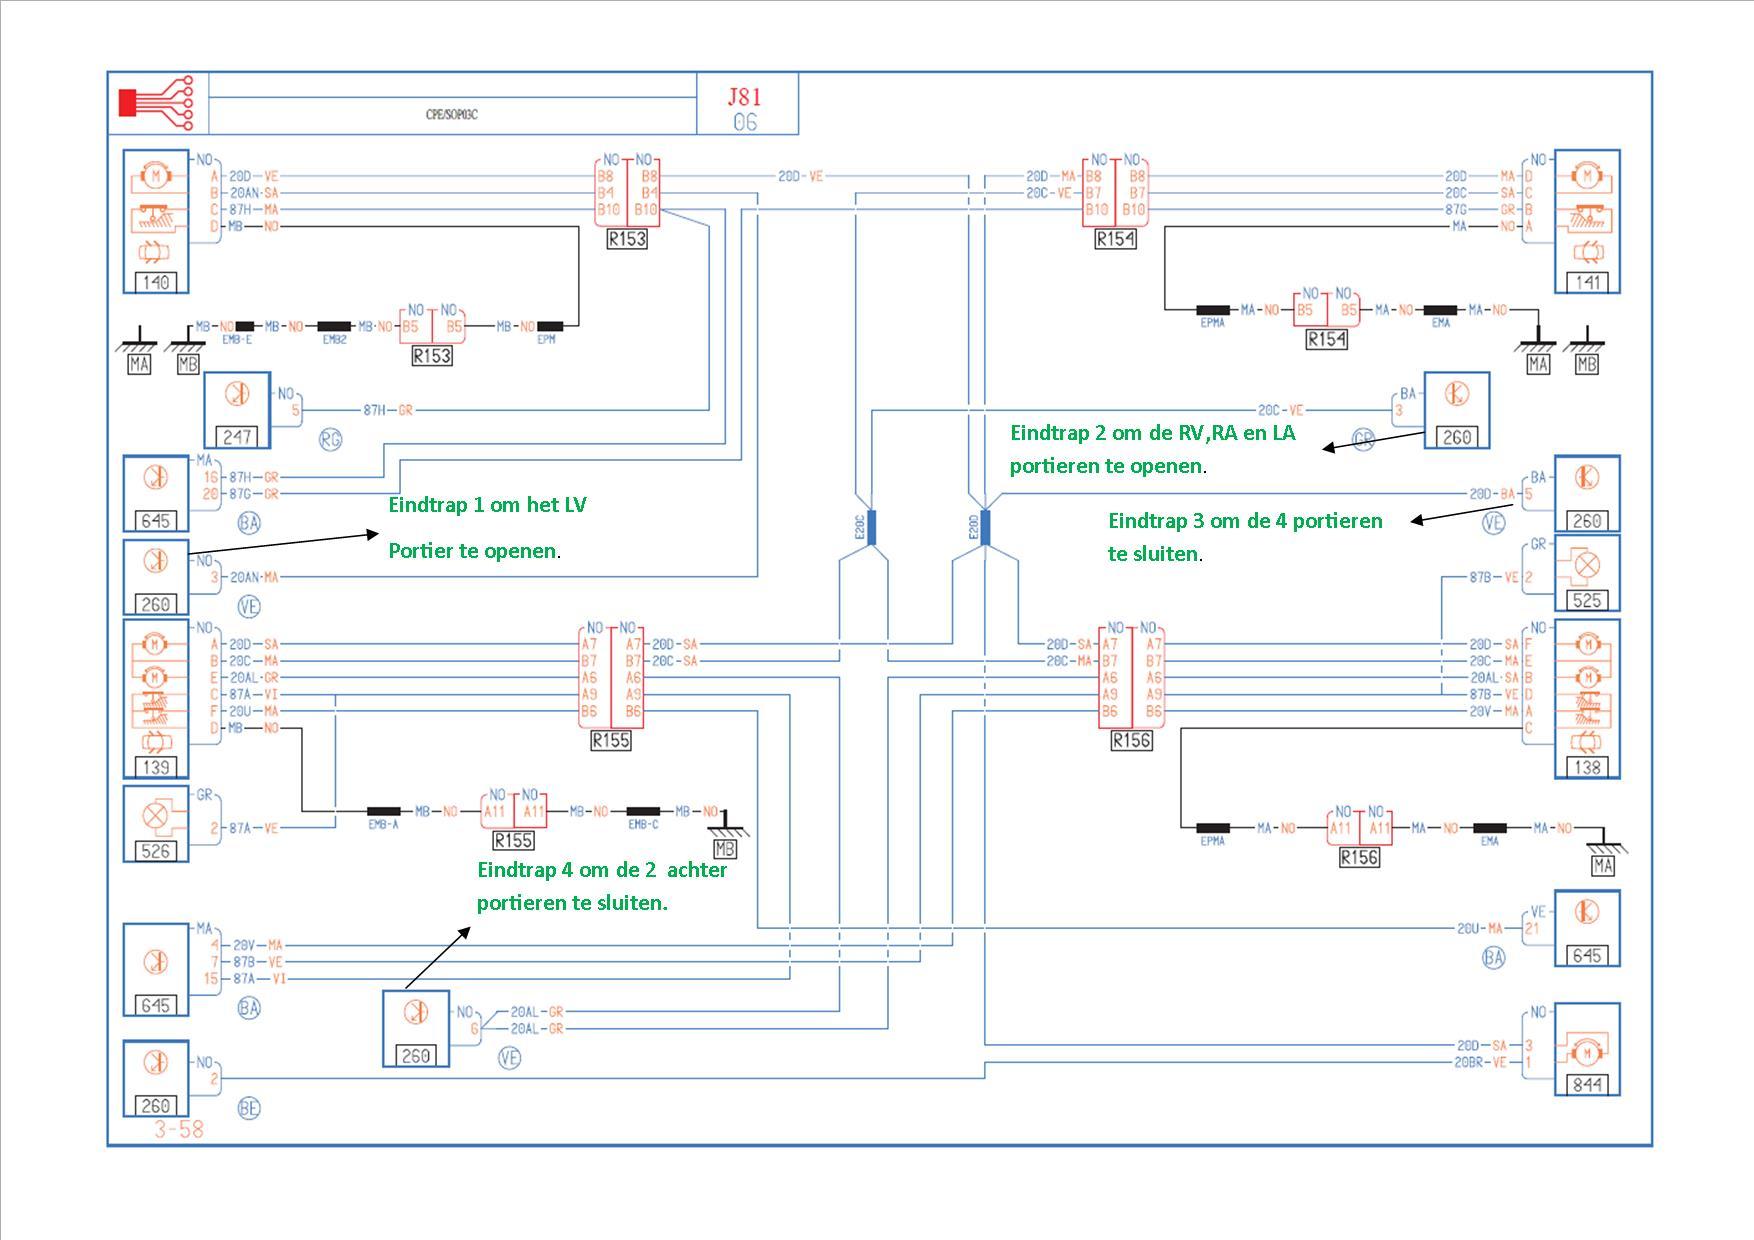 Espace Wiring Diagram Dashboard Ranault Picturesque Www Renault Grand Een Goed Schema Is Onmisbaar Hiermee Werd Jeroen Duidelijk Hoe De Centrale Vergrendeling 1754x1240